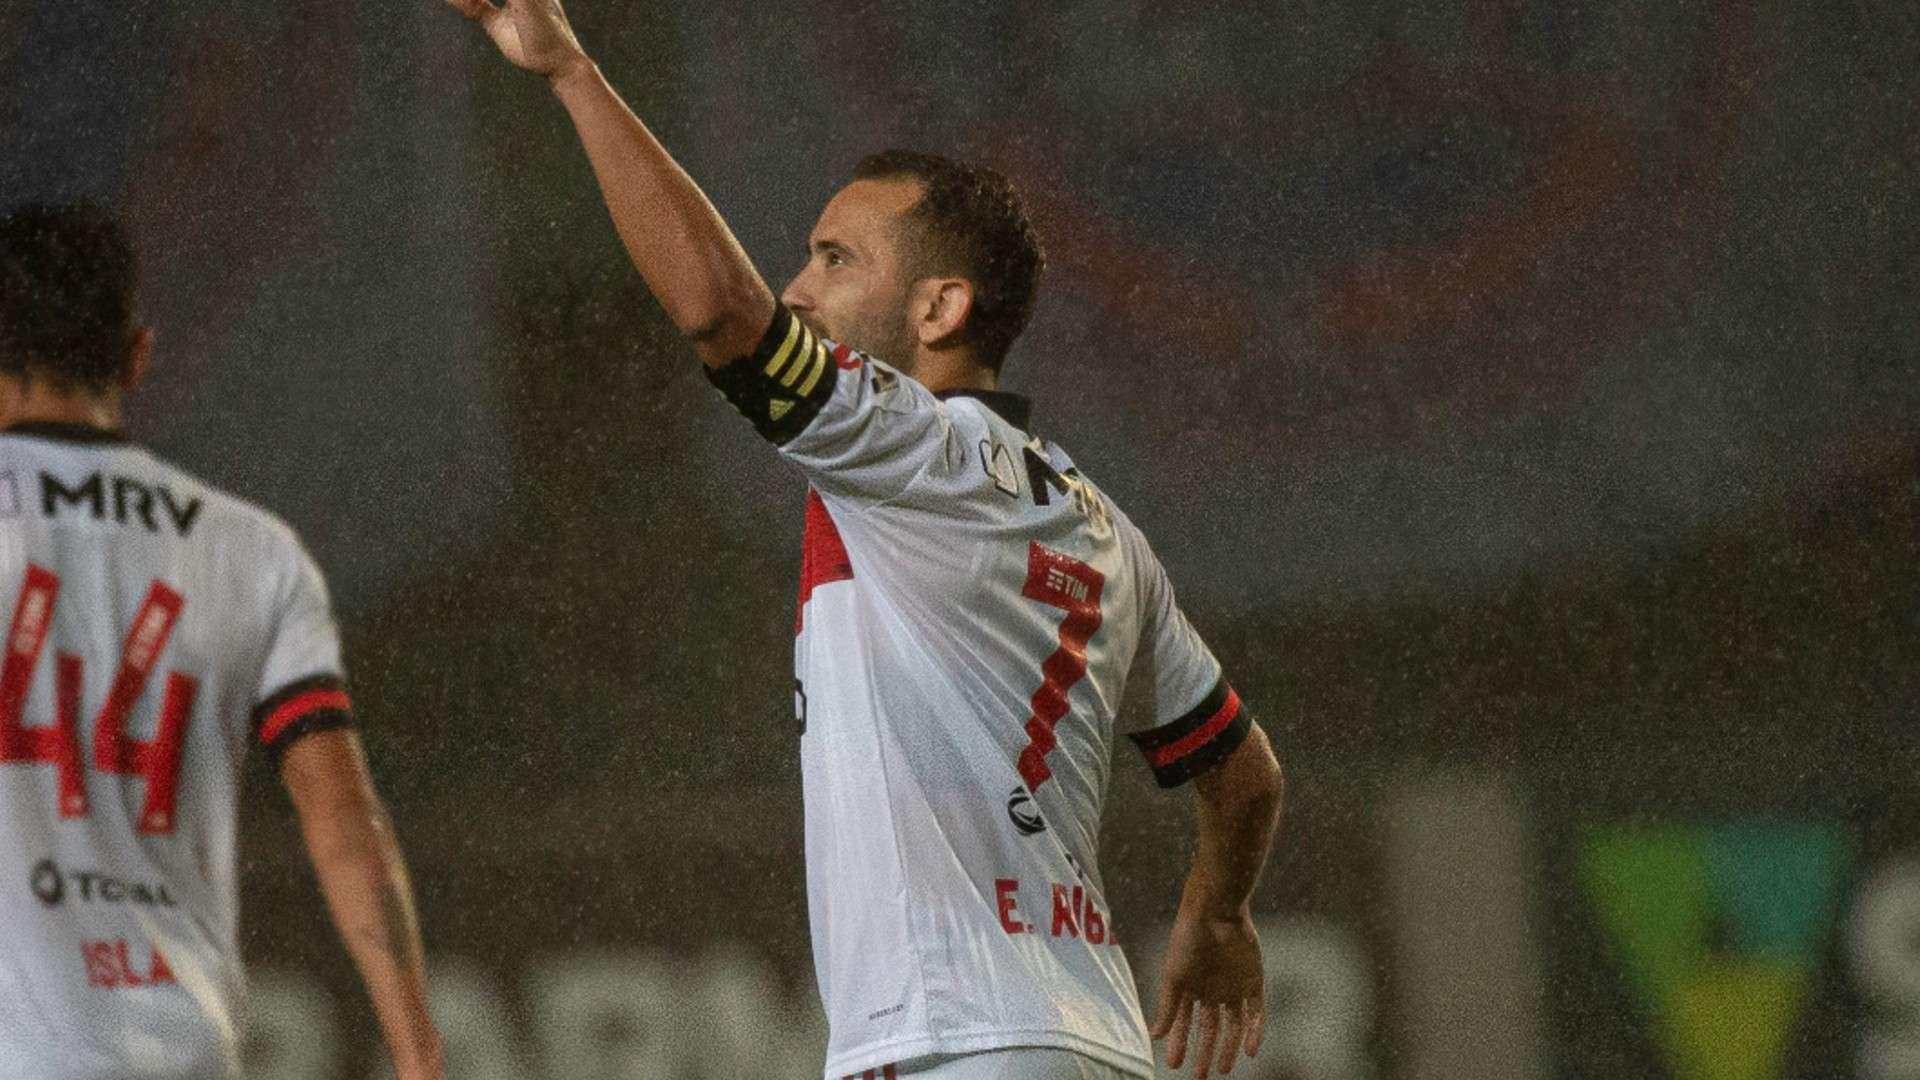 Prazer, Everton Ribeiro: meia faz das suas e se 'apresenta' a Dome no  Flamengo | Goal.com